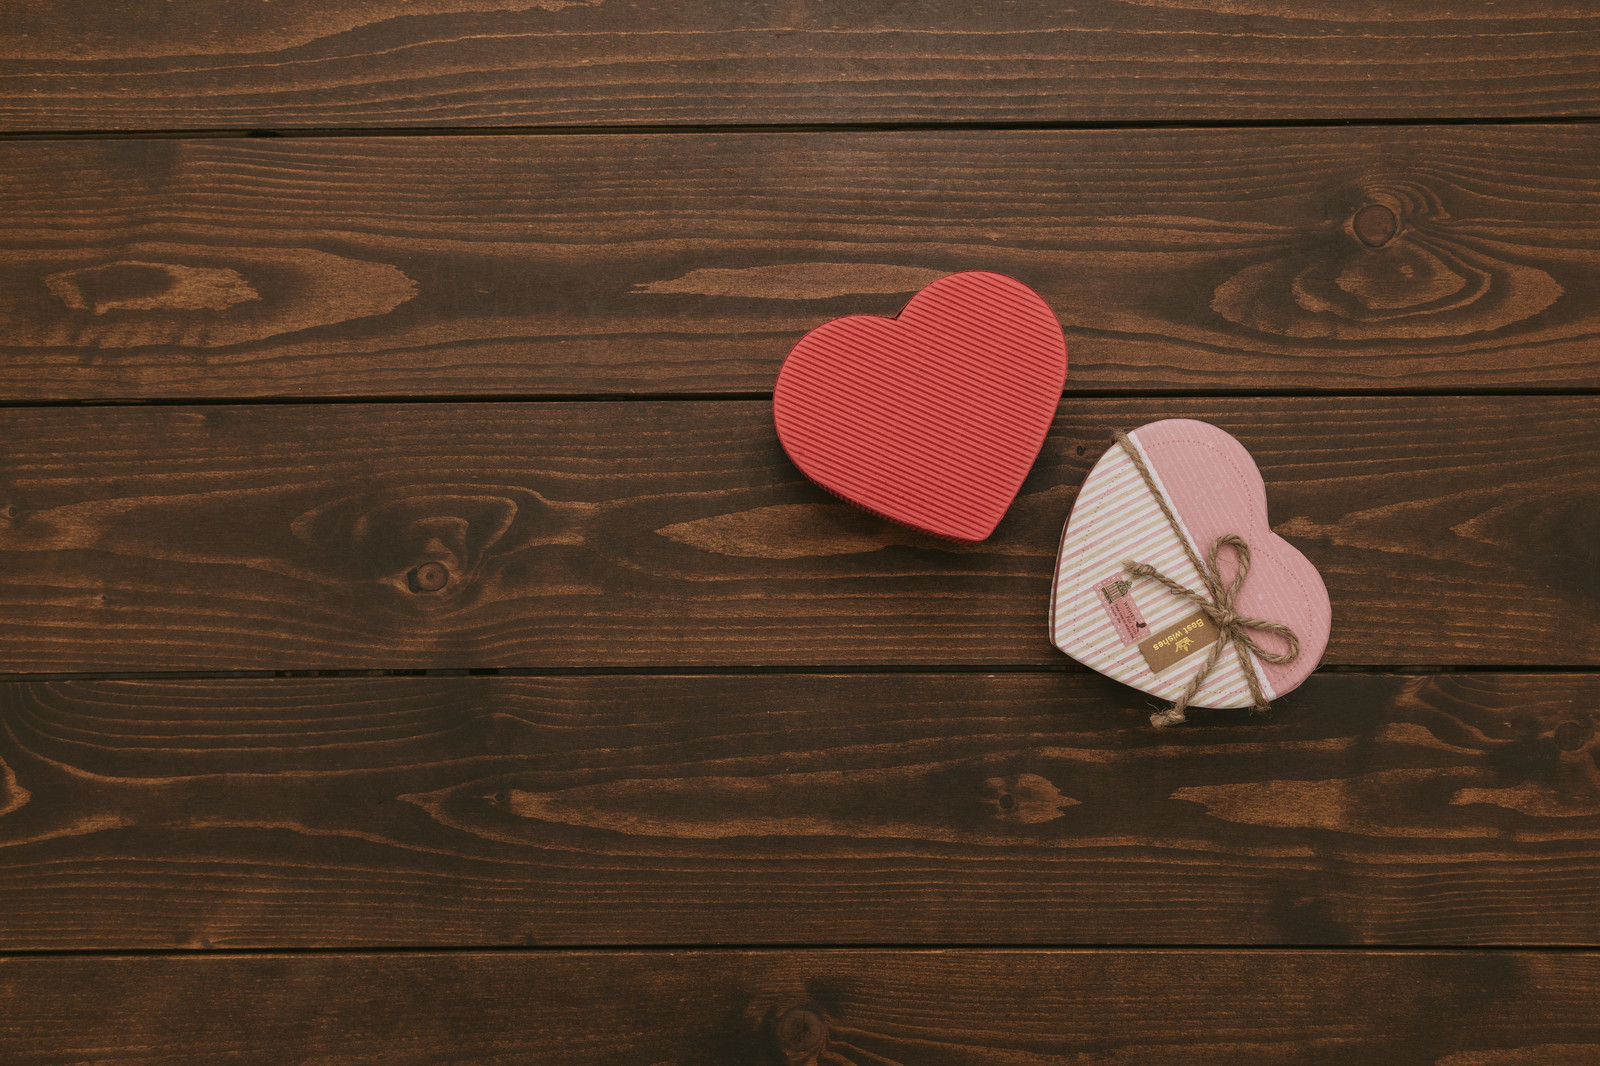 「バレンタインのハート」の写真